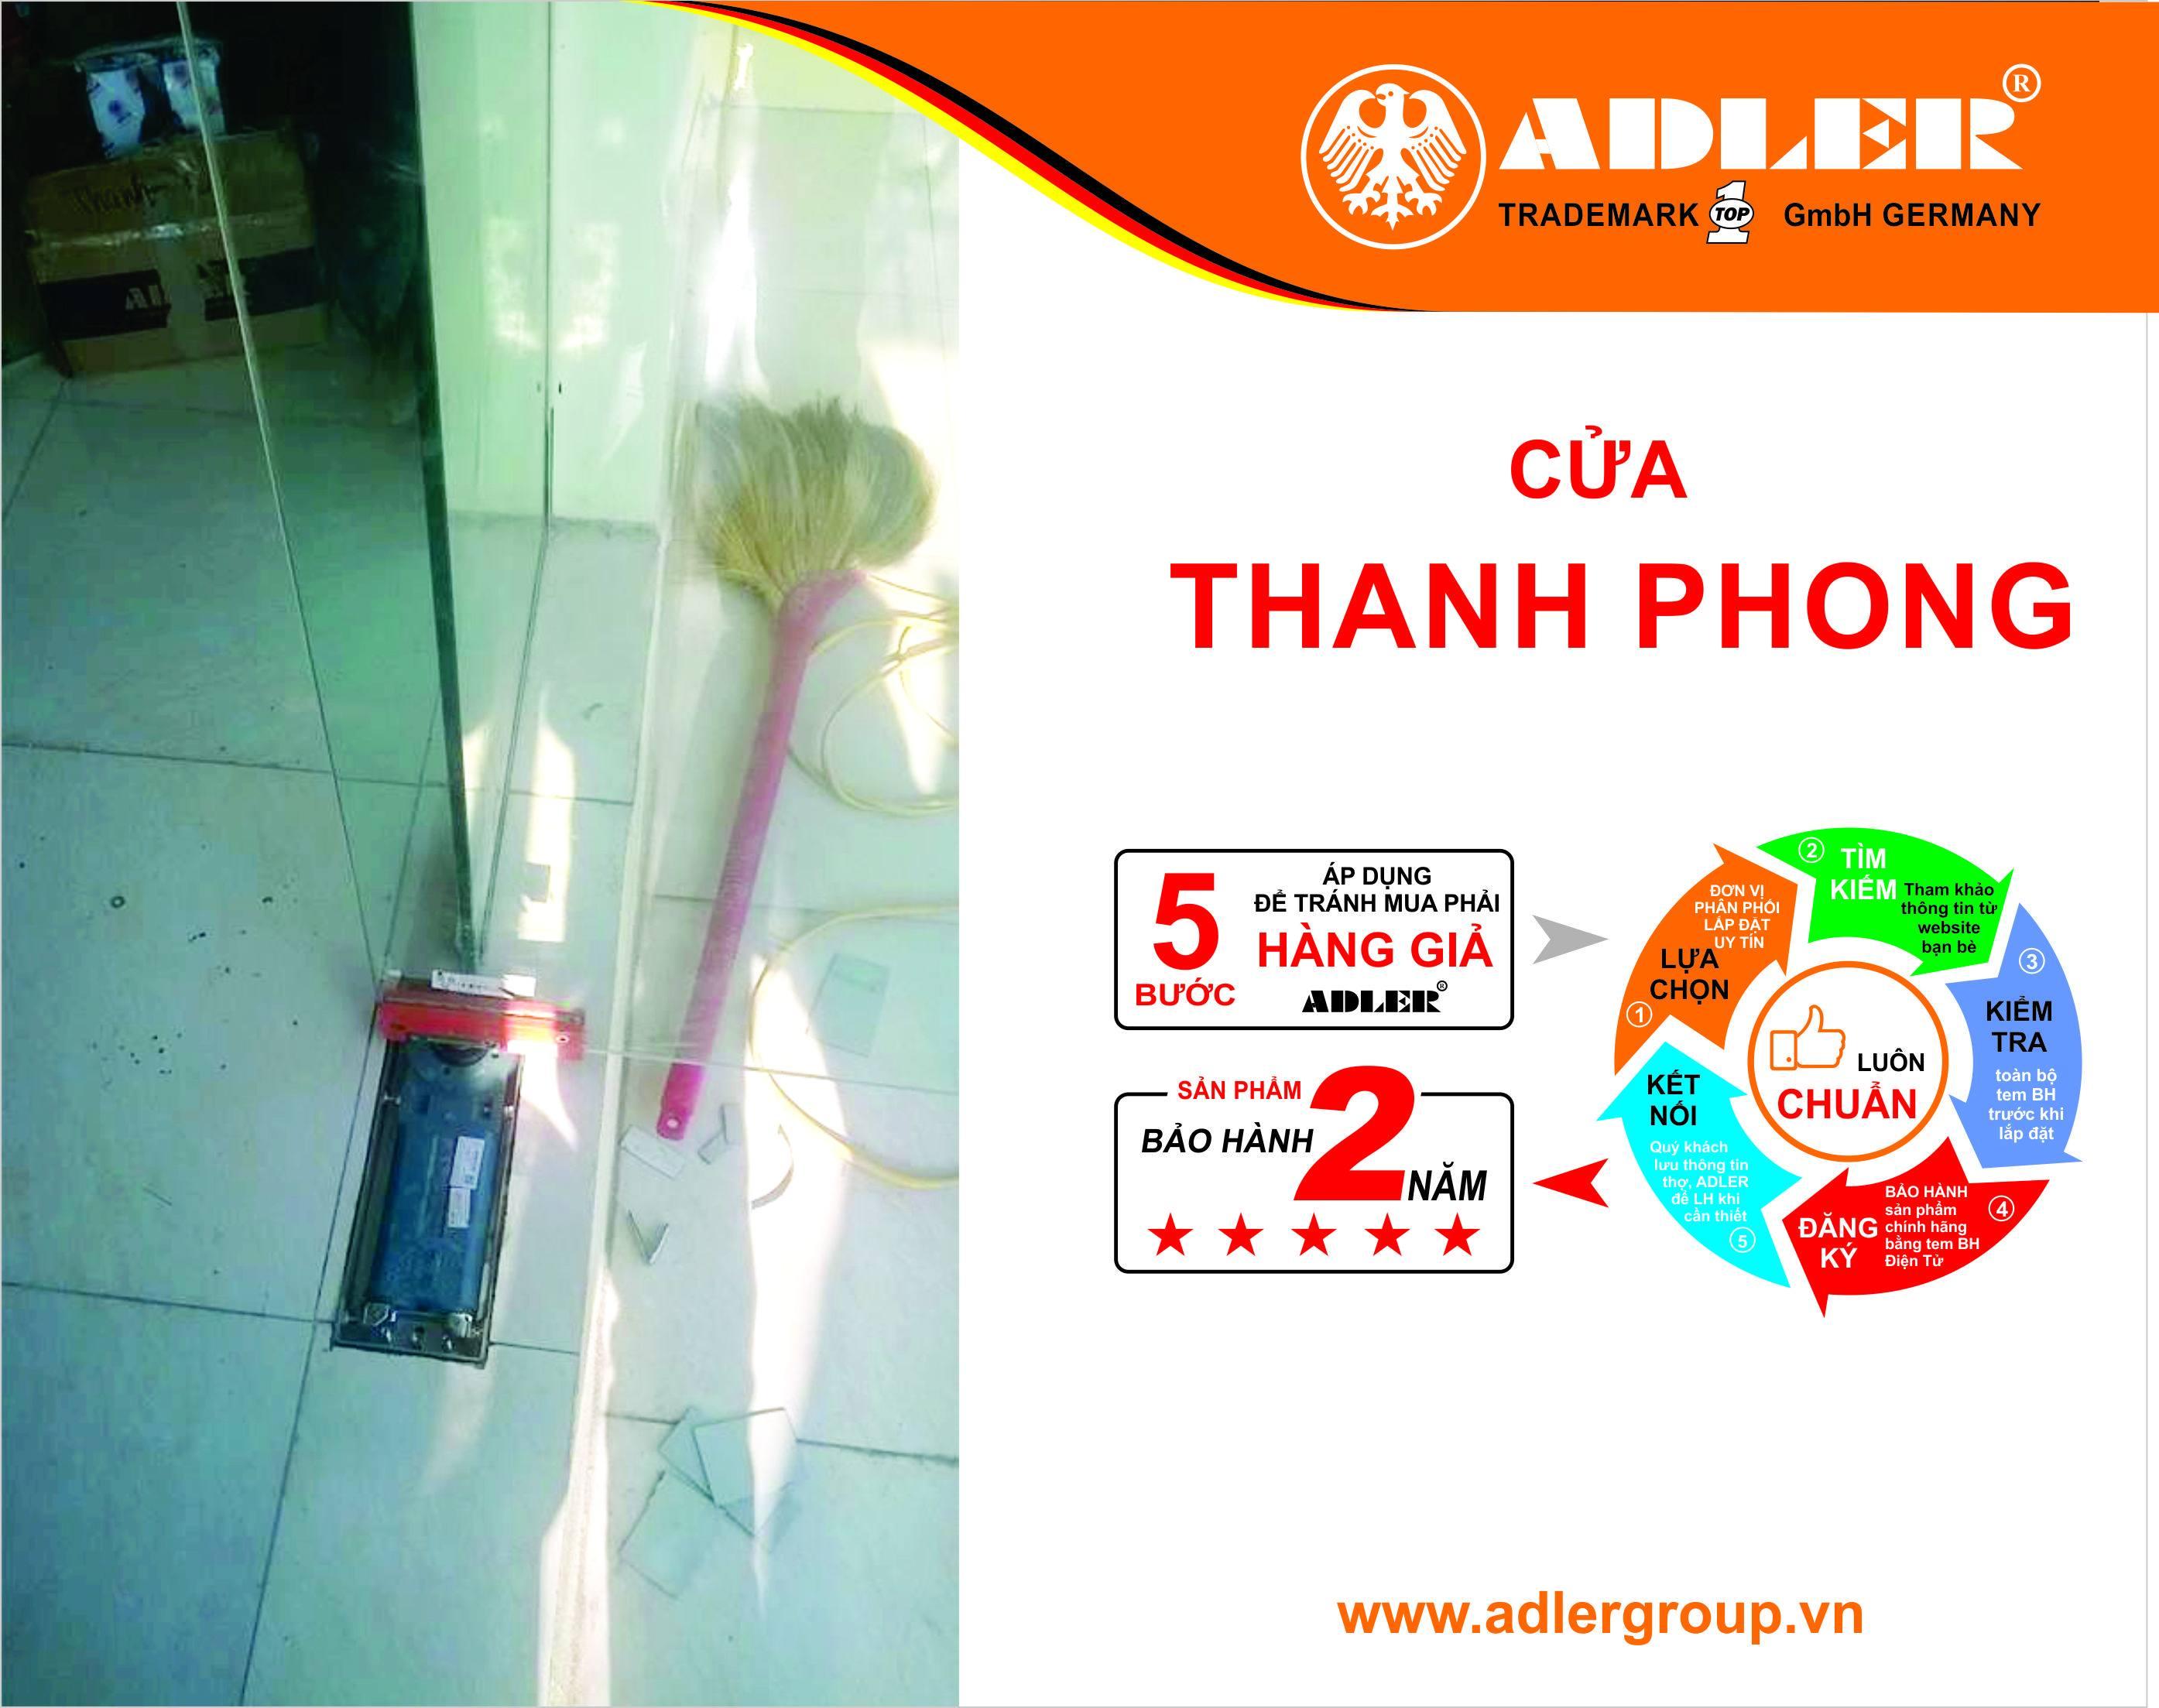 SẢN PHẨM ADLER - NIỀM TIN CỦA THANH PHONG, CỦA MỌI NHÀ